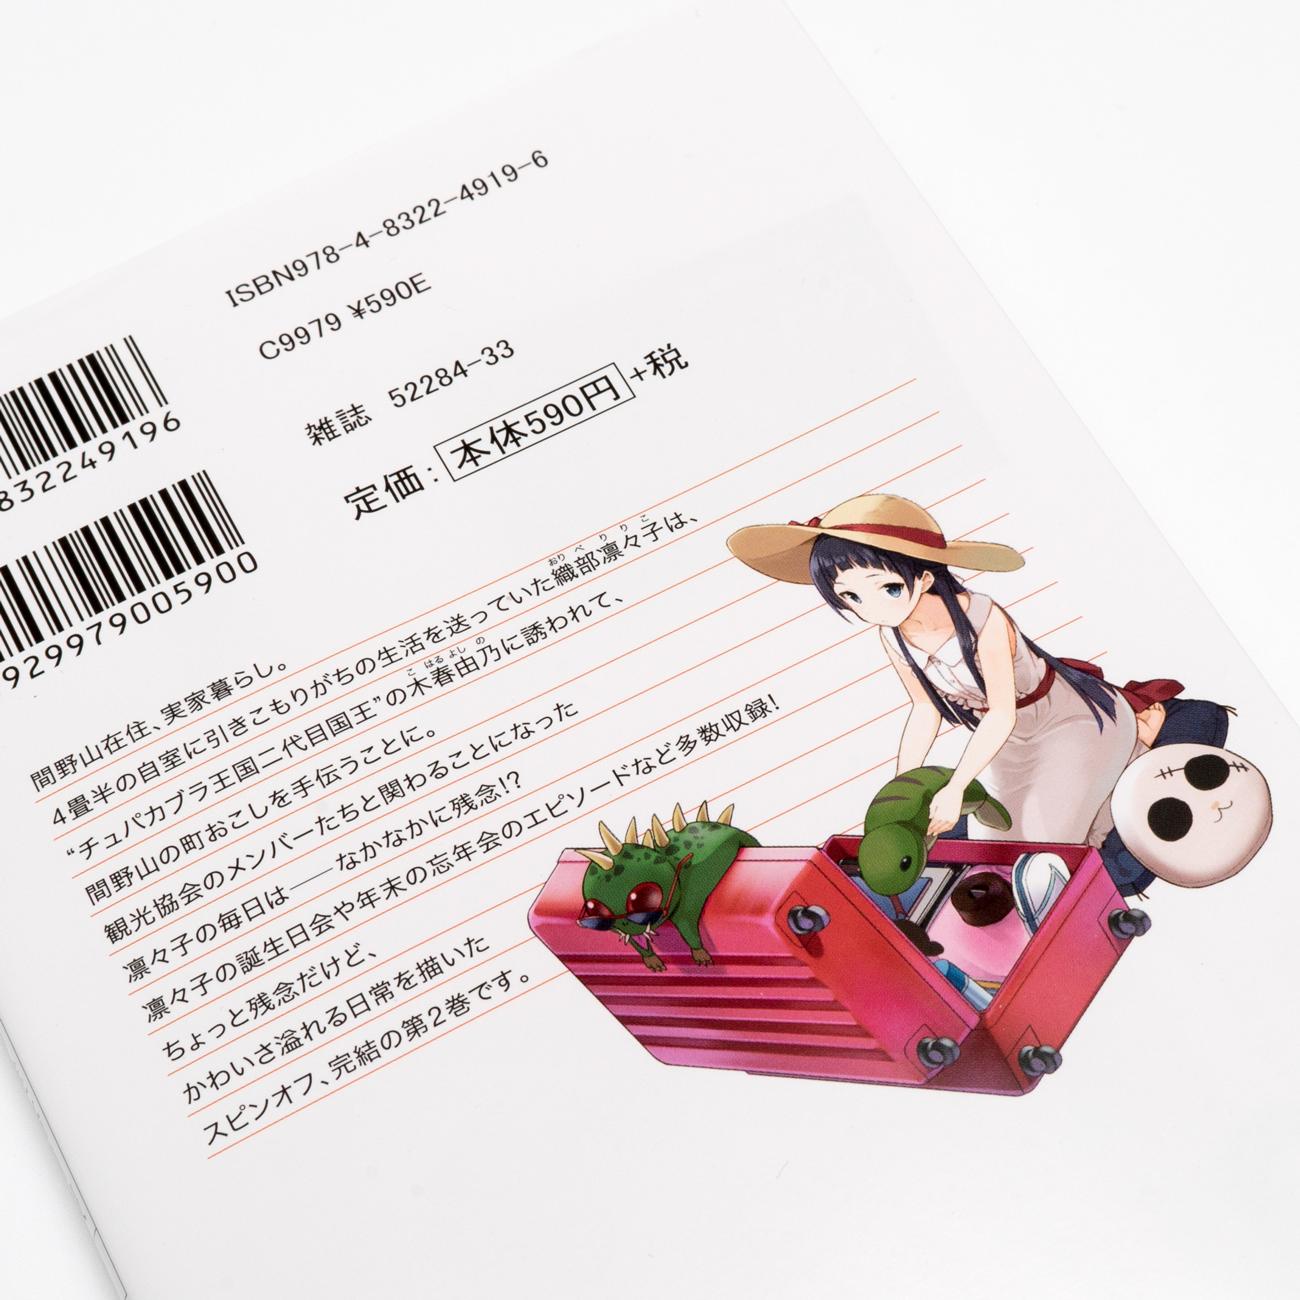 サクラクエスト外伝 織部凛々子の業務日報 | 第2巻 漫画:まっくすめろん